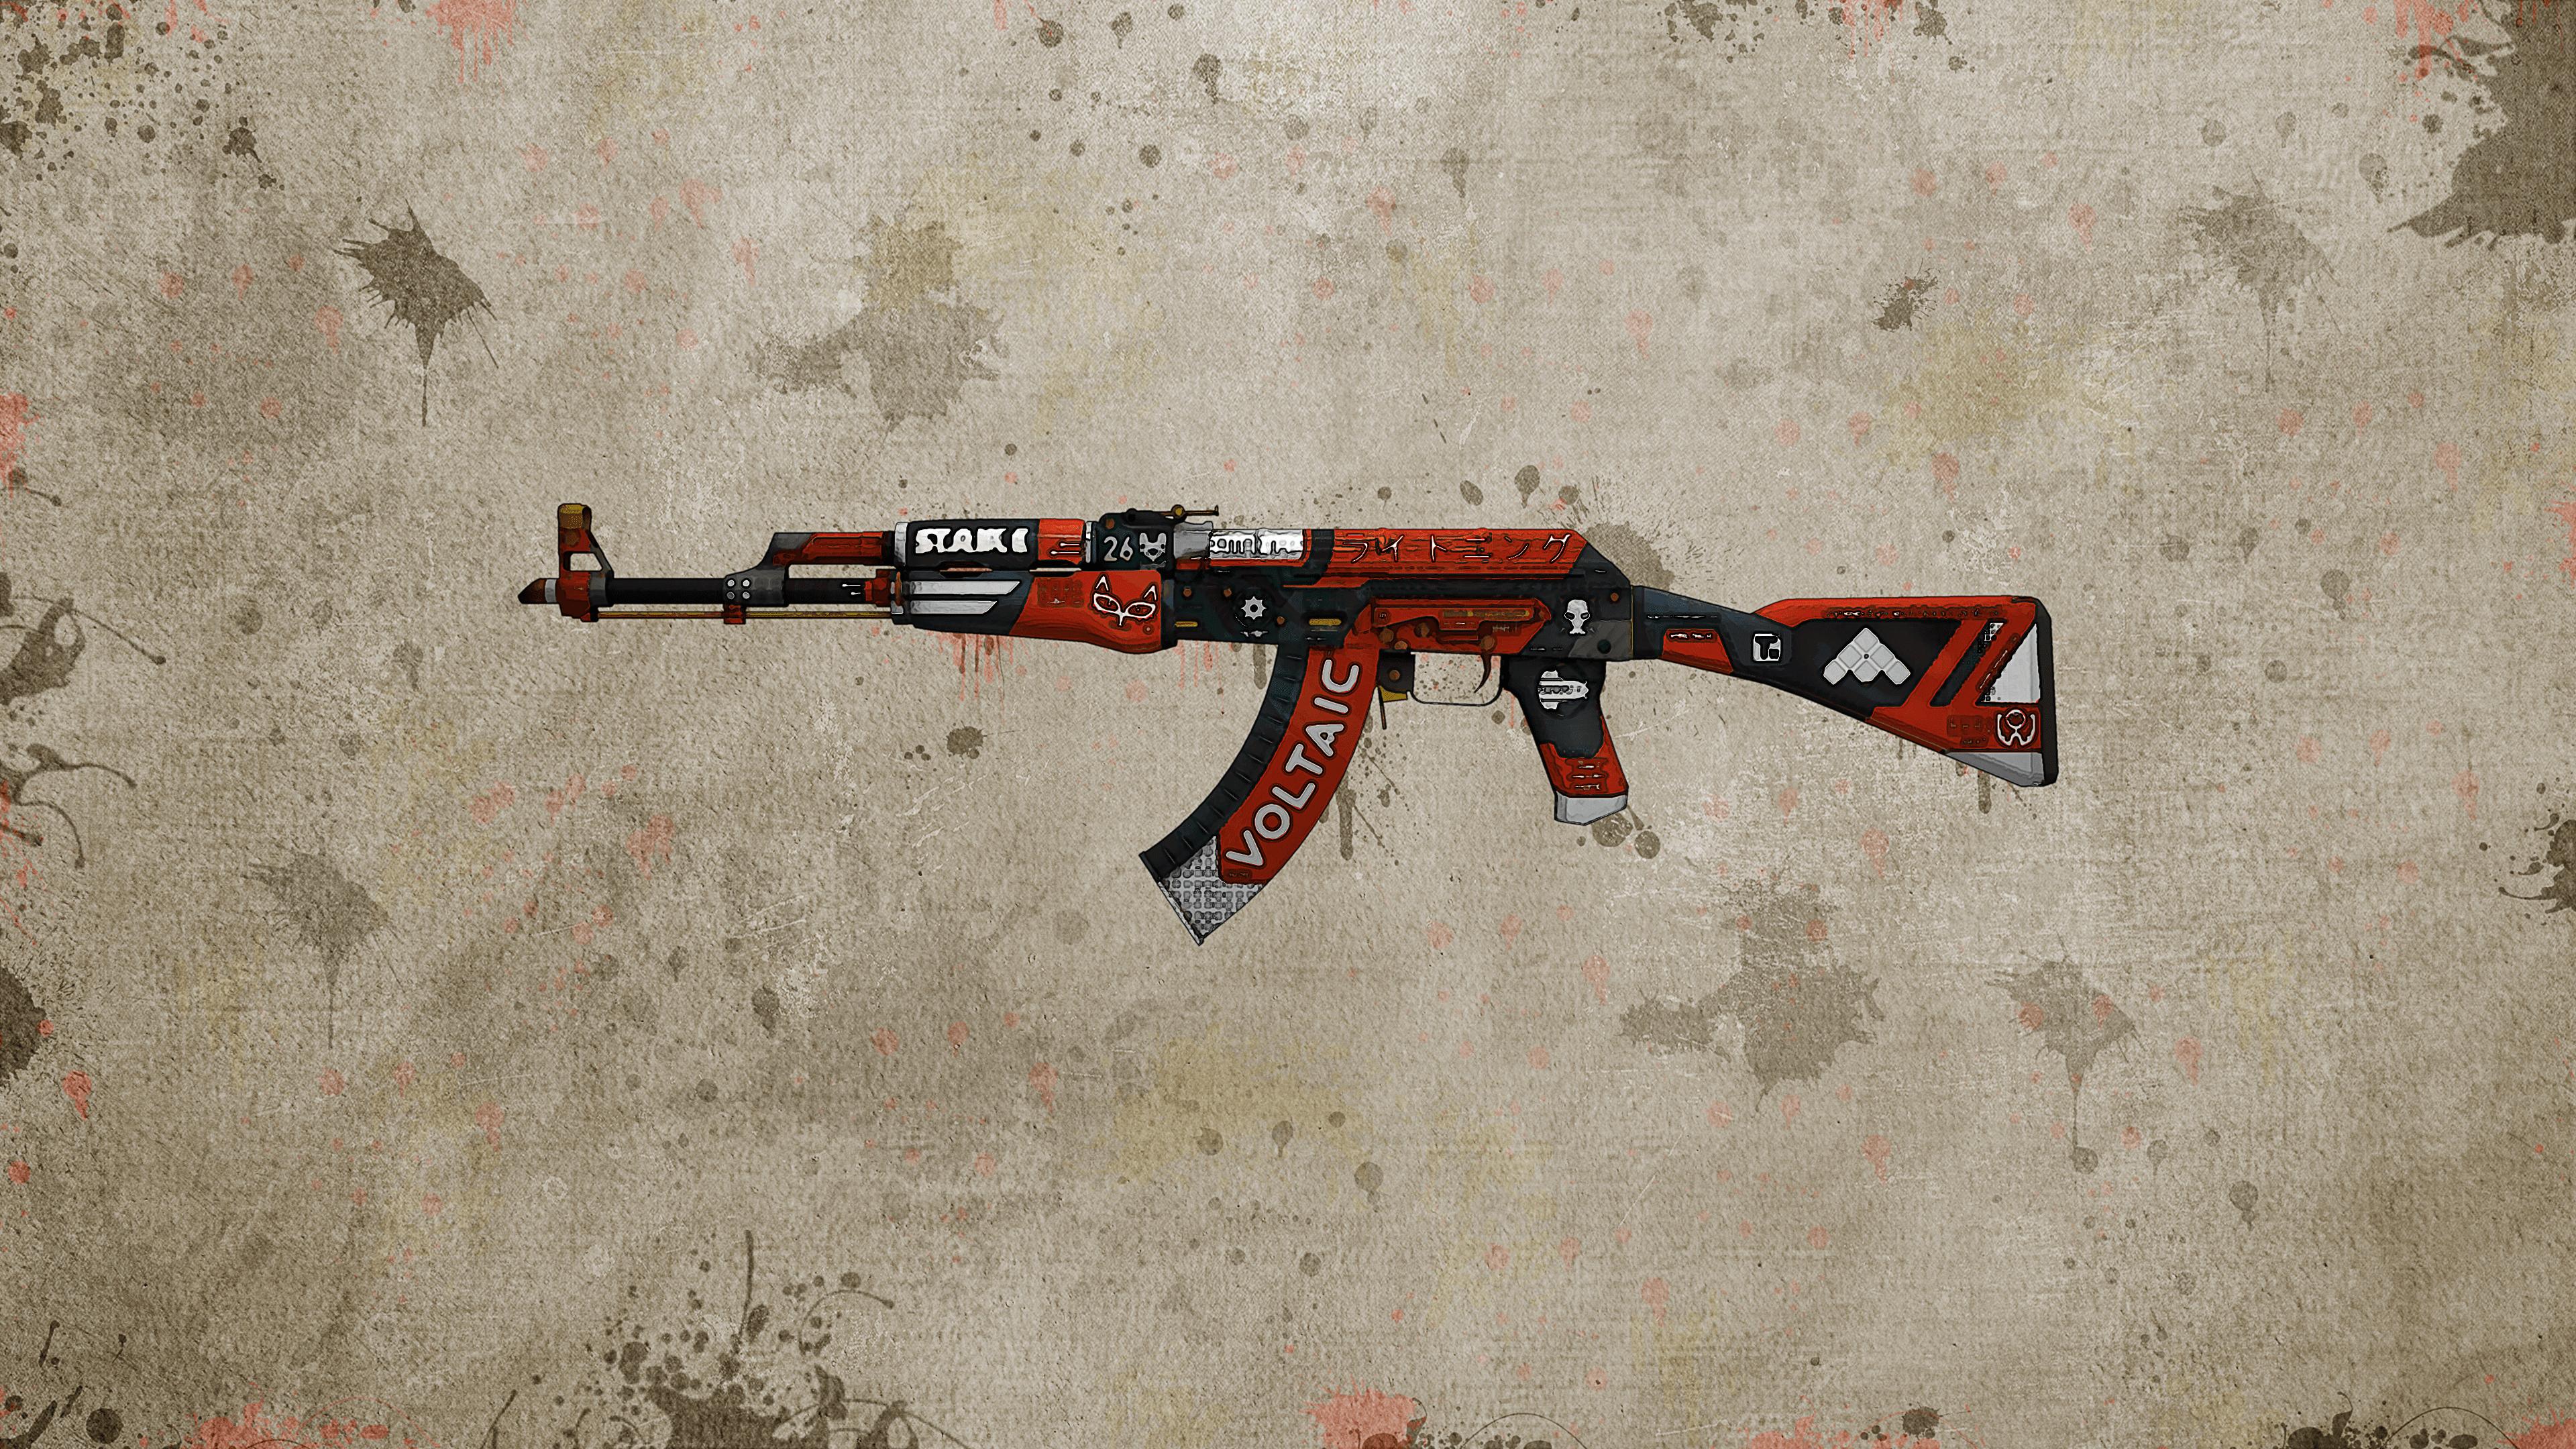 Bloodsport AK-47